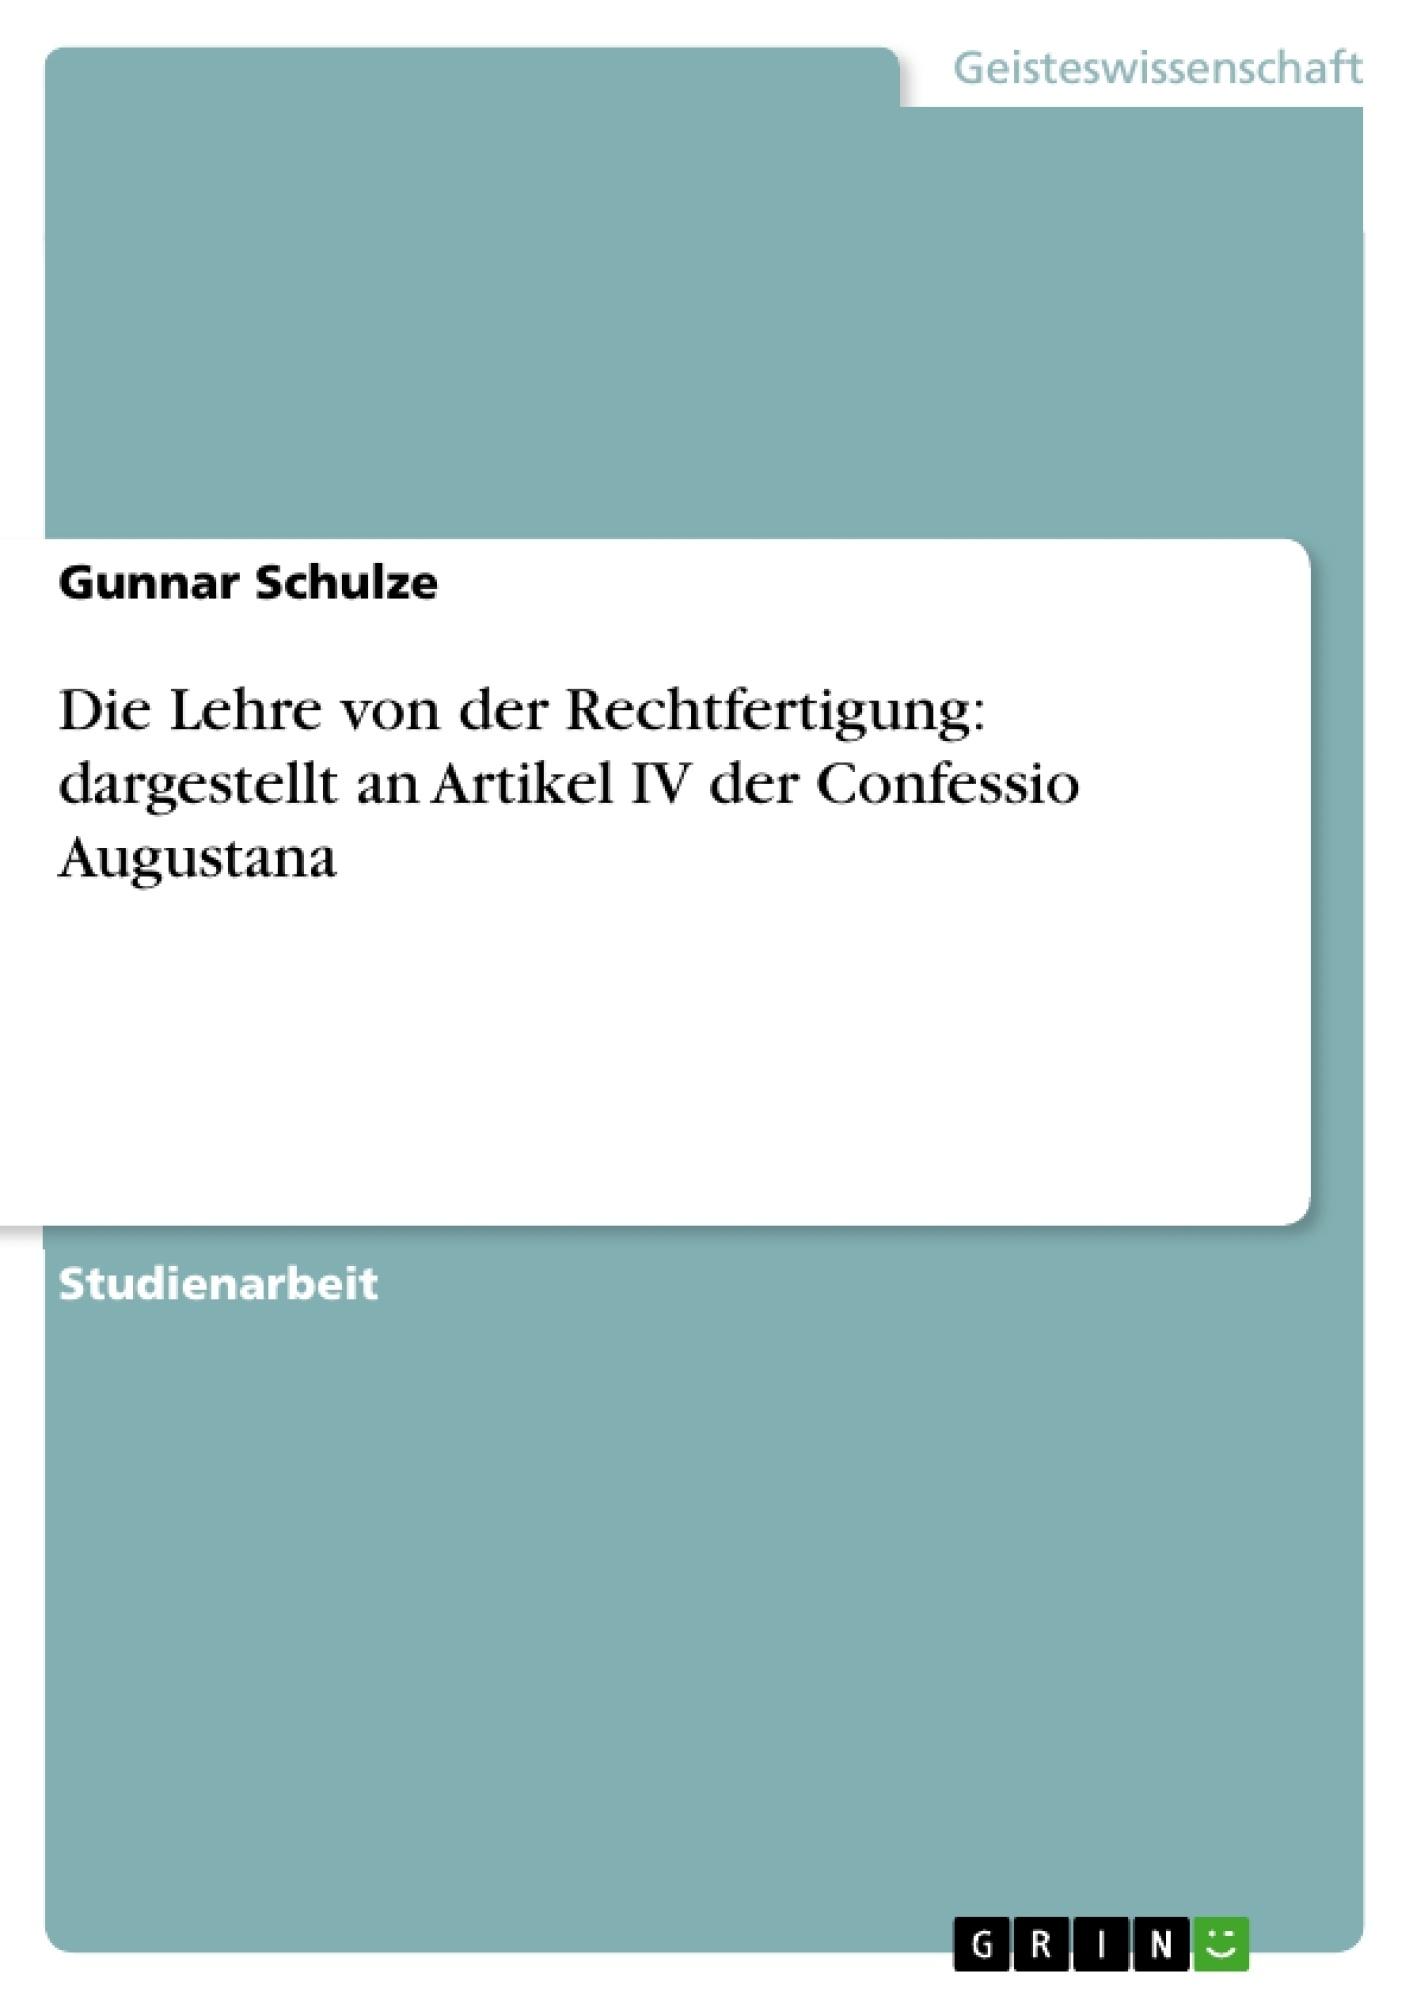 Titel: Die Lehre von der Rechtfertigung: dargestellt an Artikel IV der Confessio Augustana